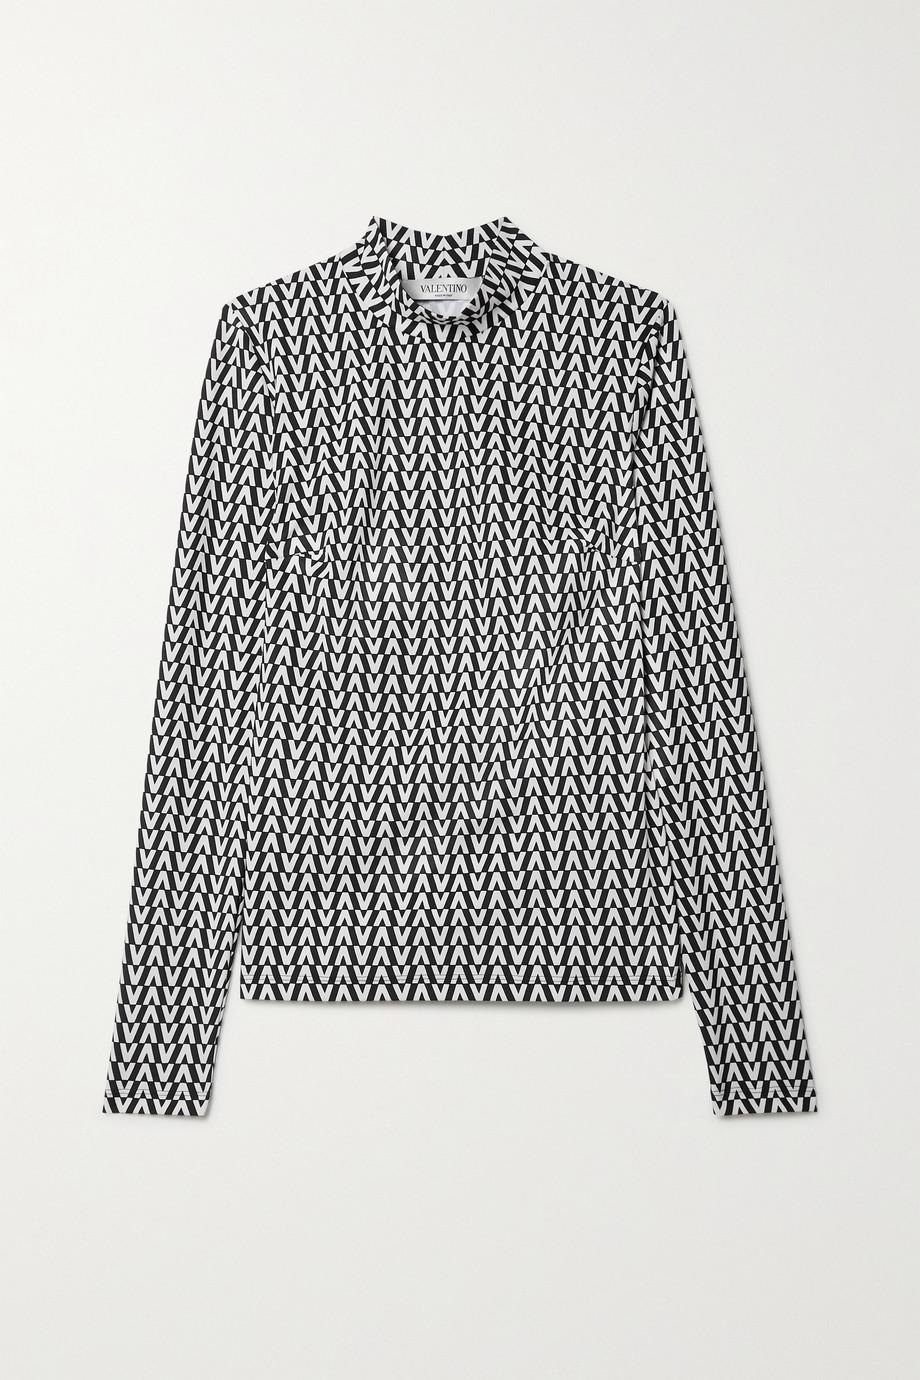 Valentino Haut à col montant en jersey stretch imprimé